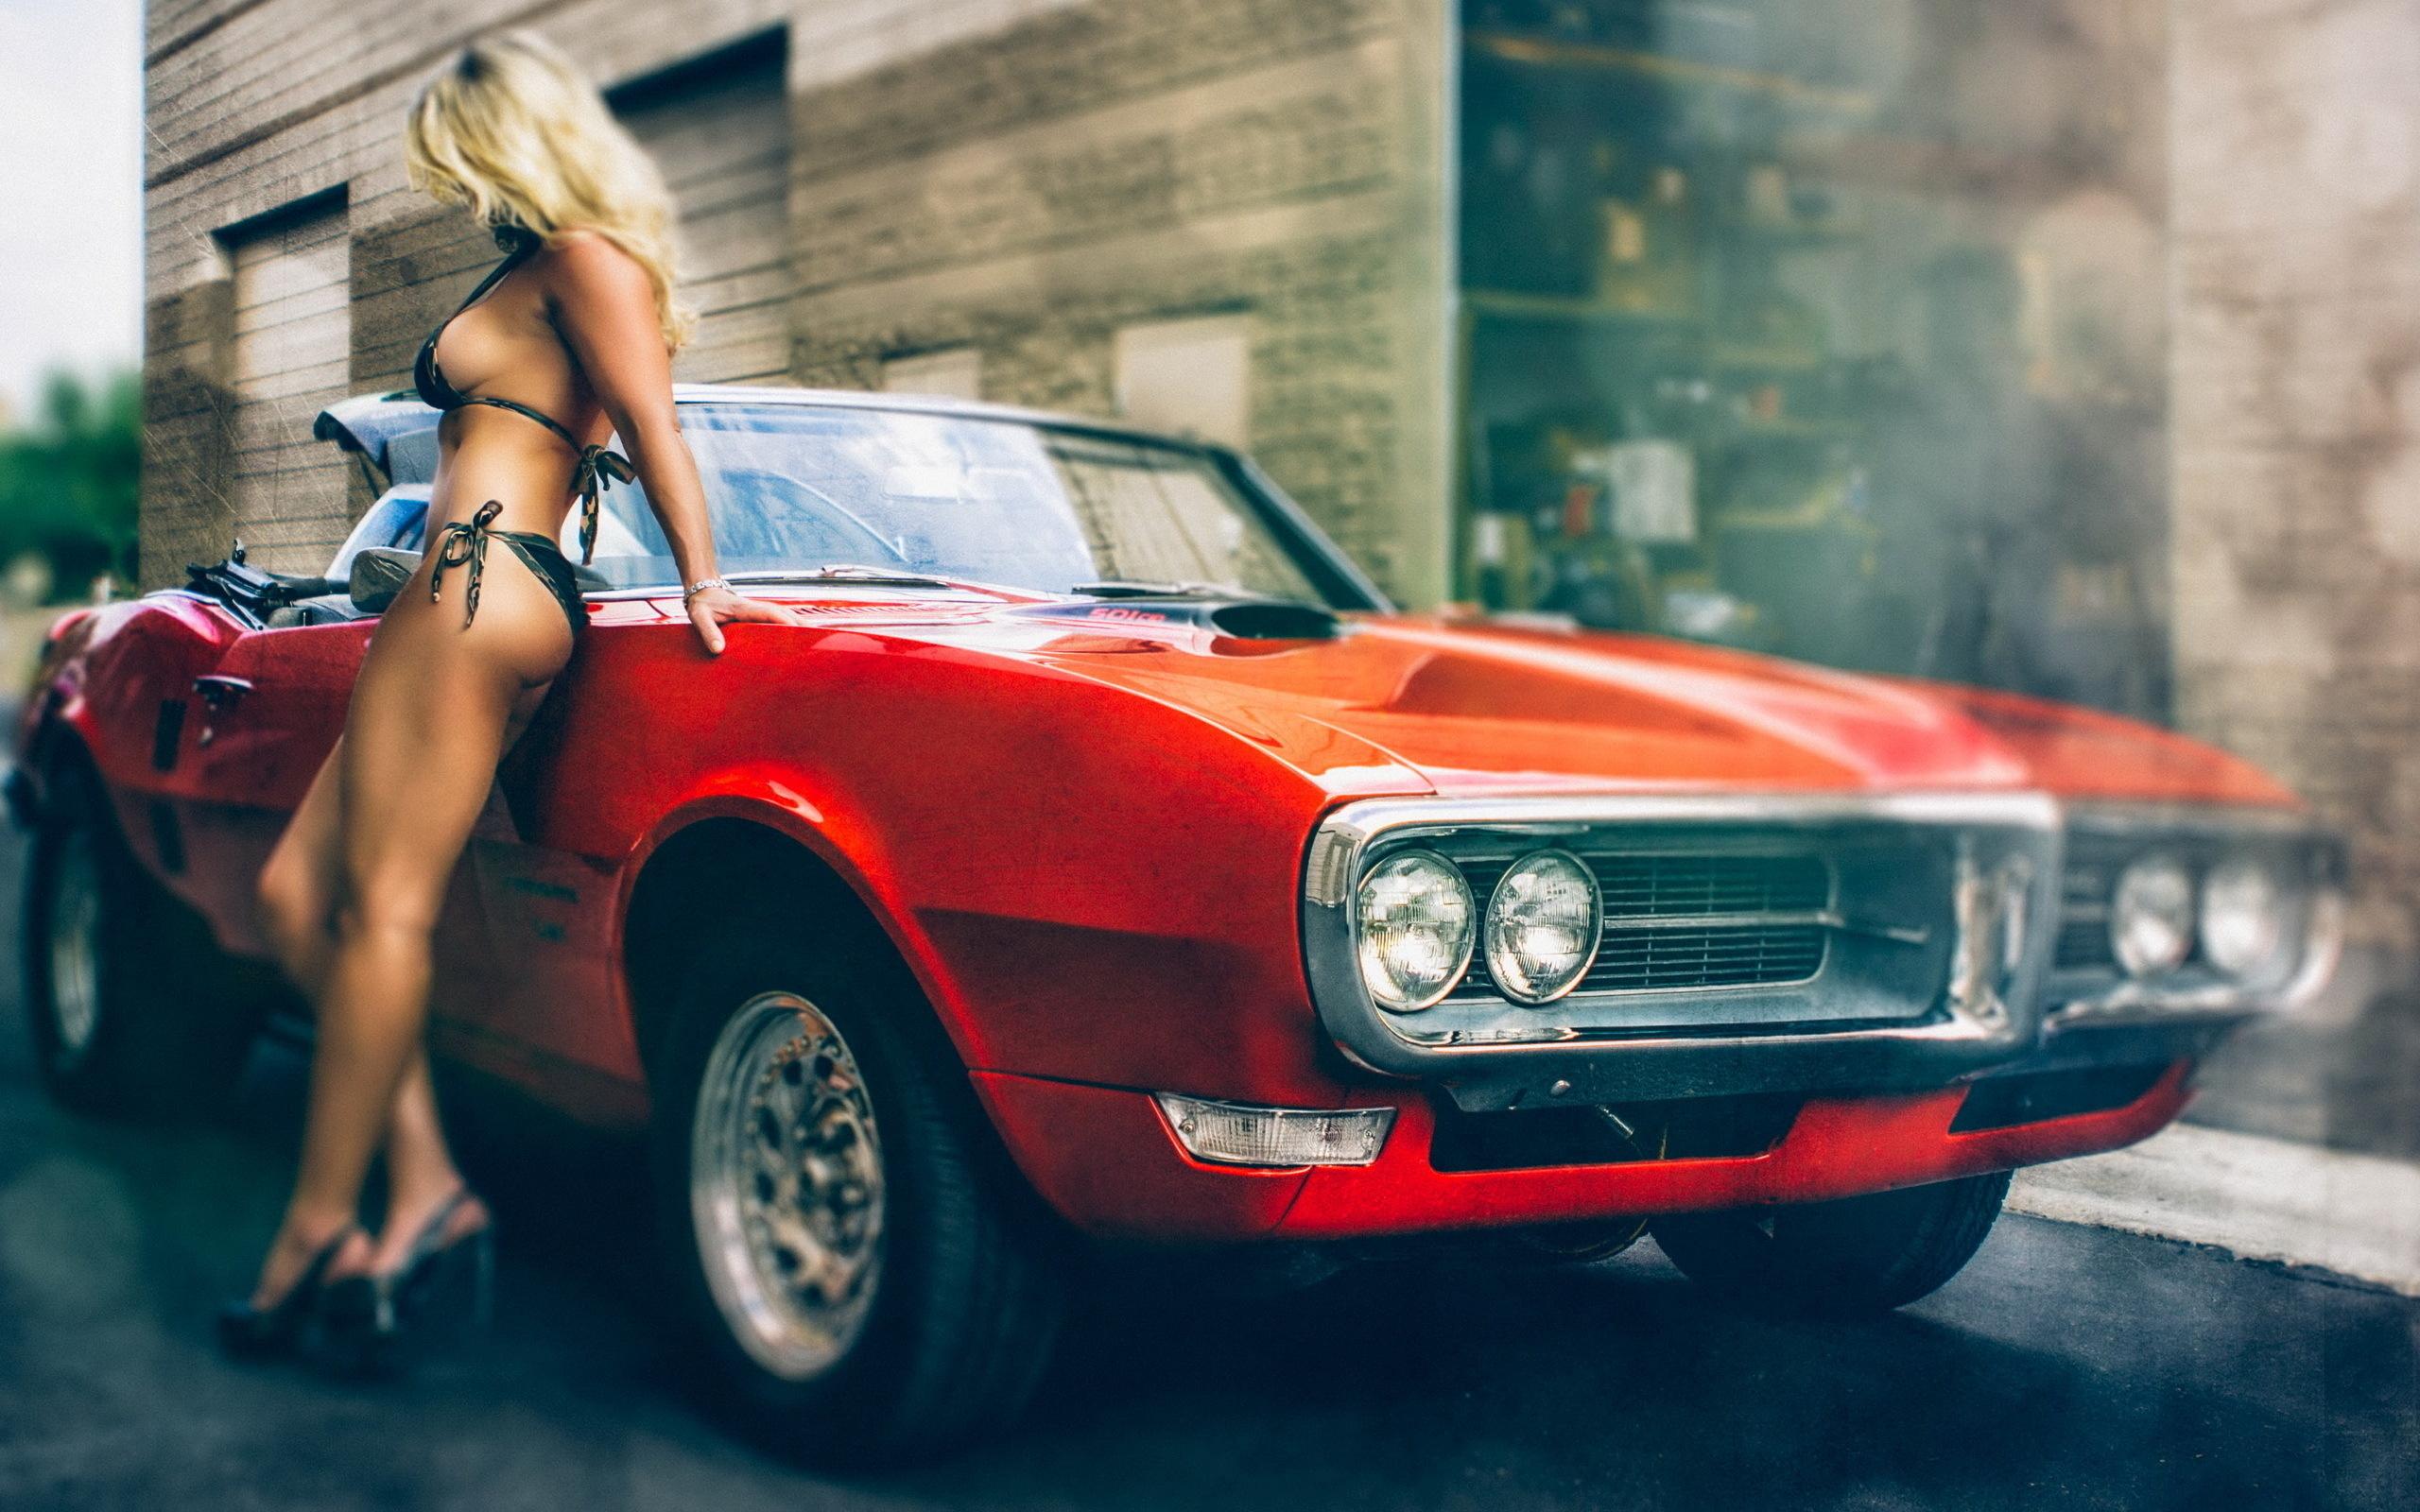 Фото девушки и автомобили 10 фотография